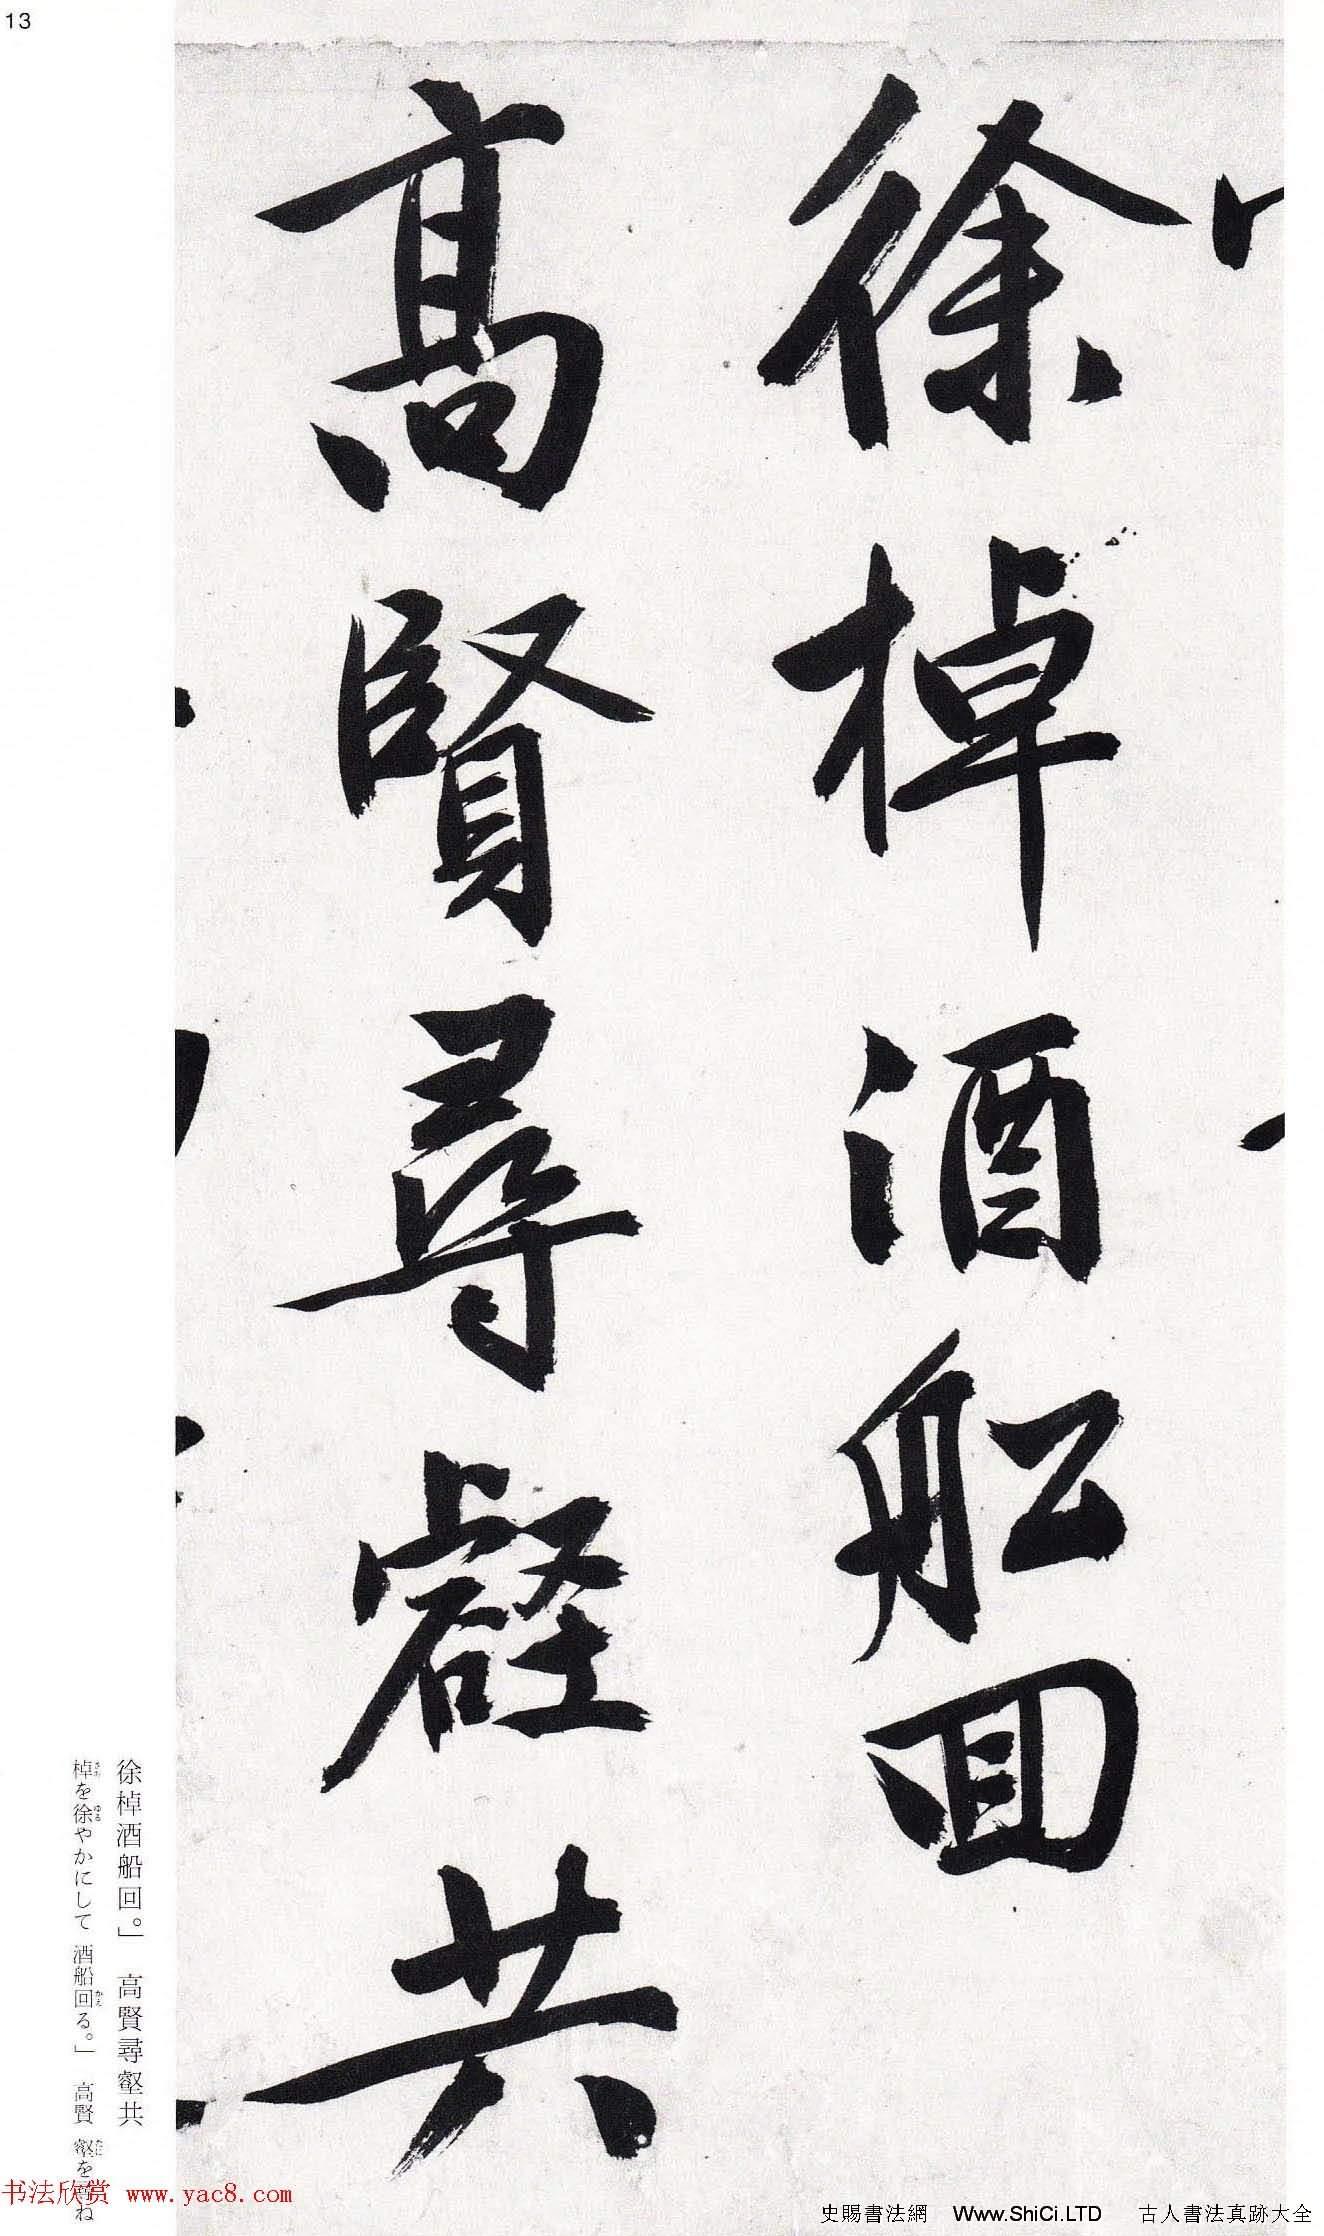 文征明行書詩卷欣賞二玄社版高清大圖